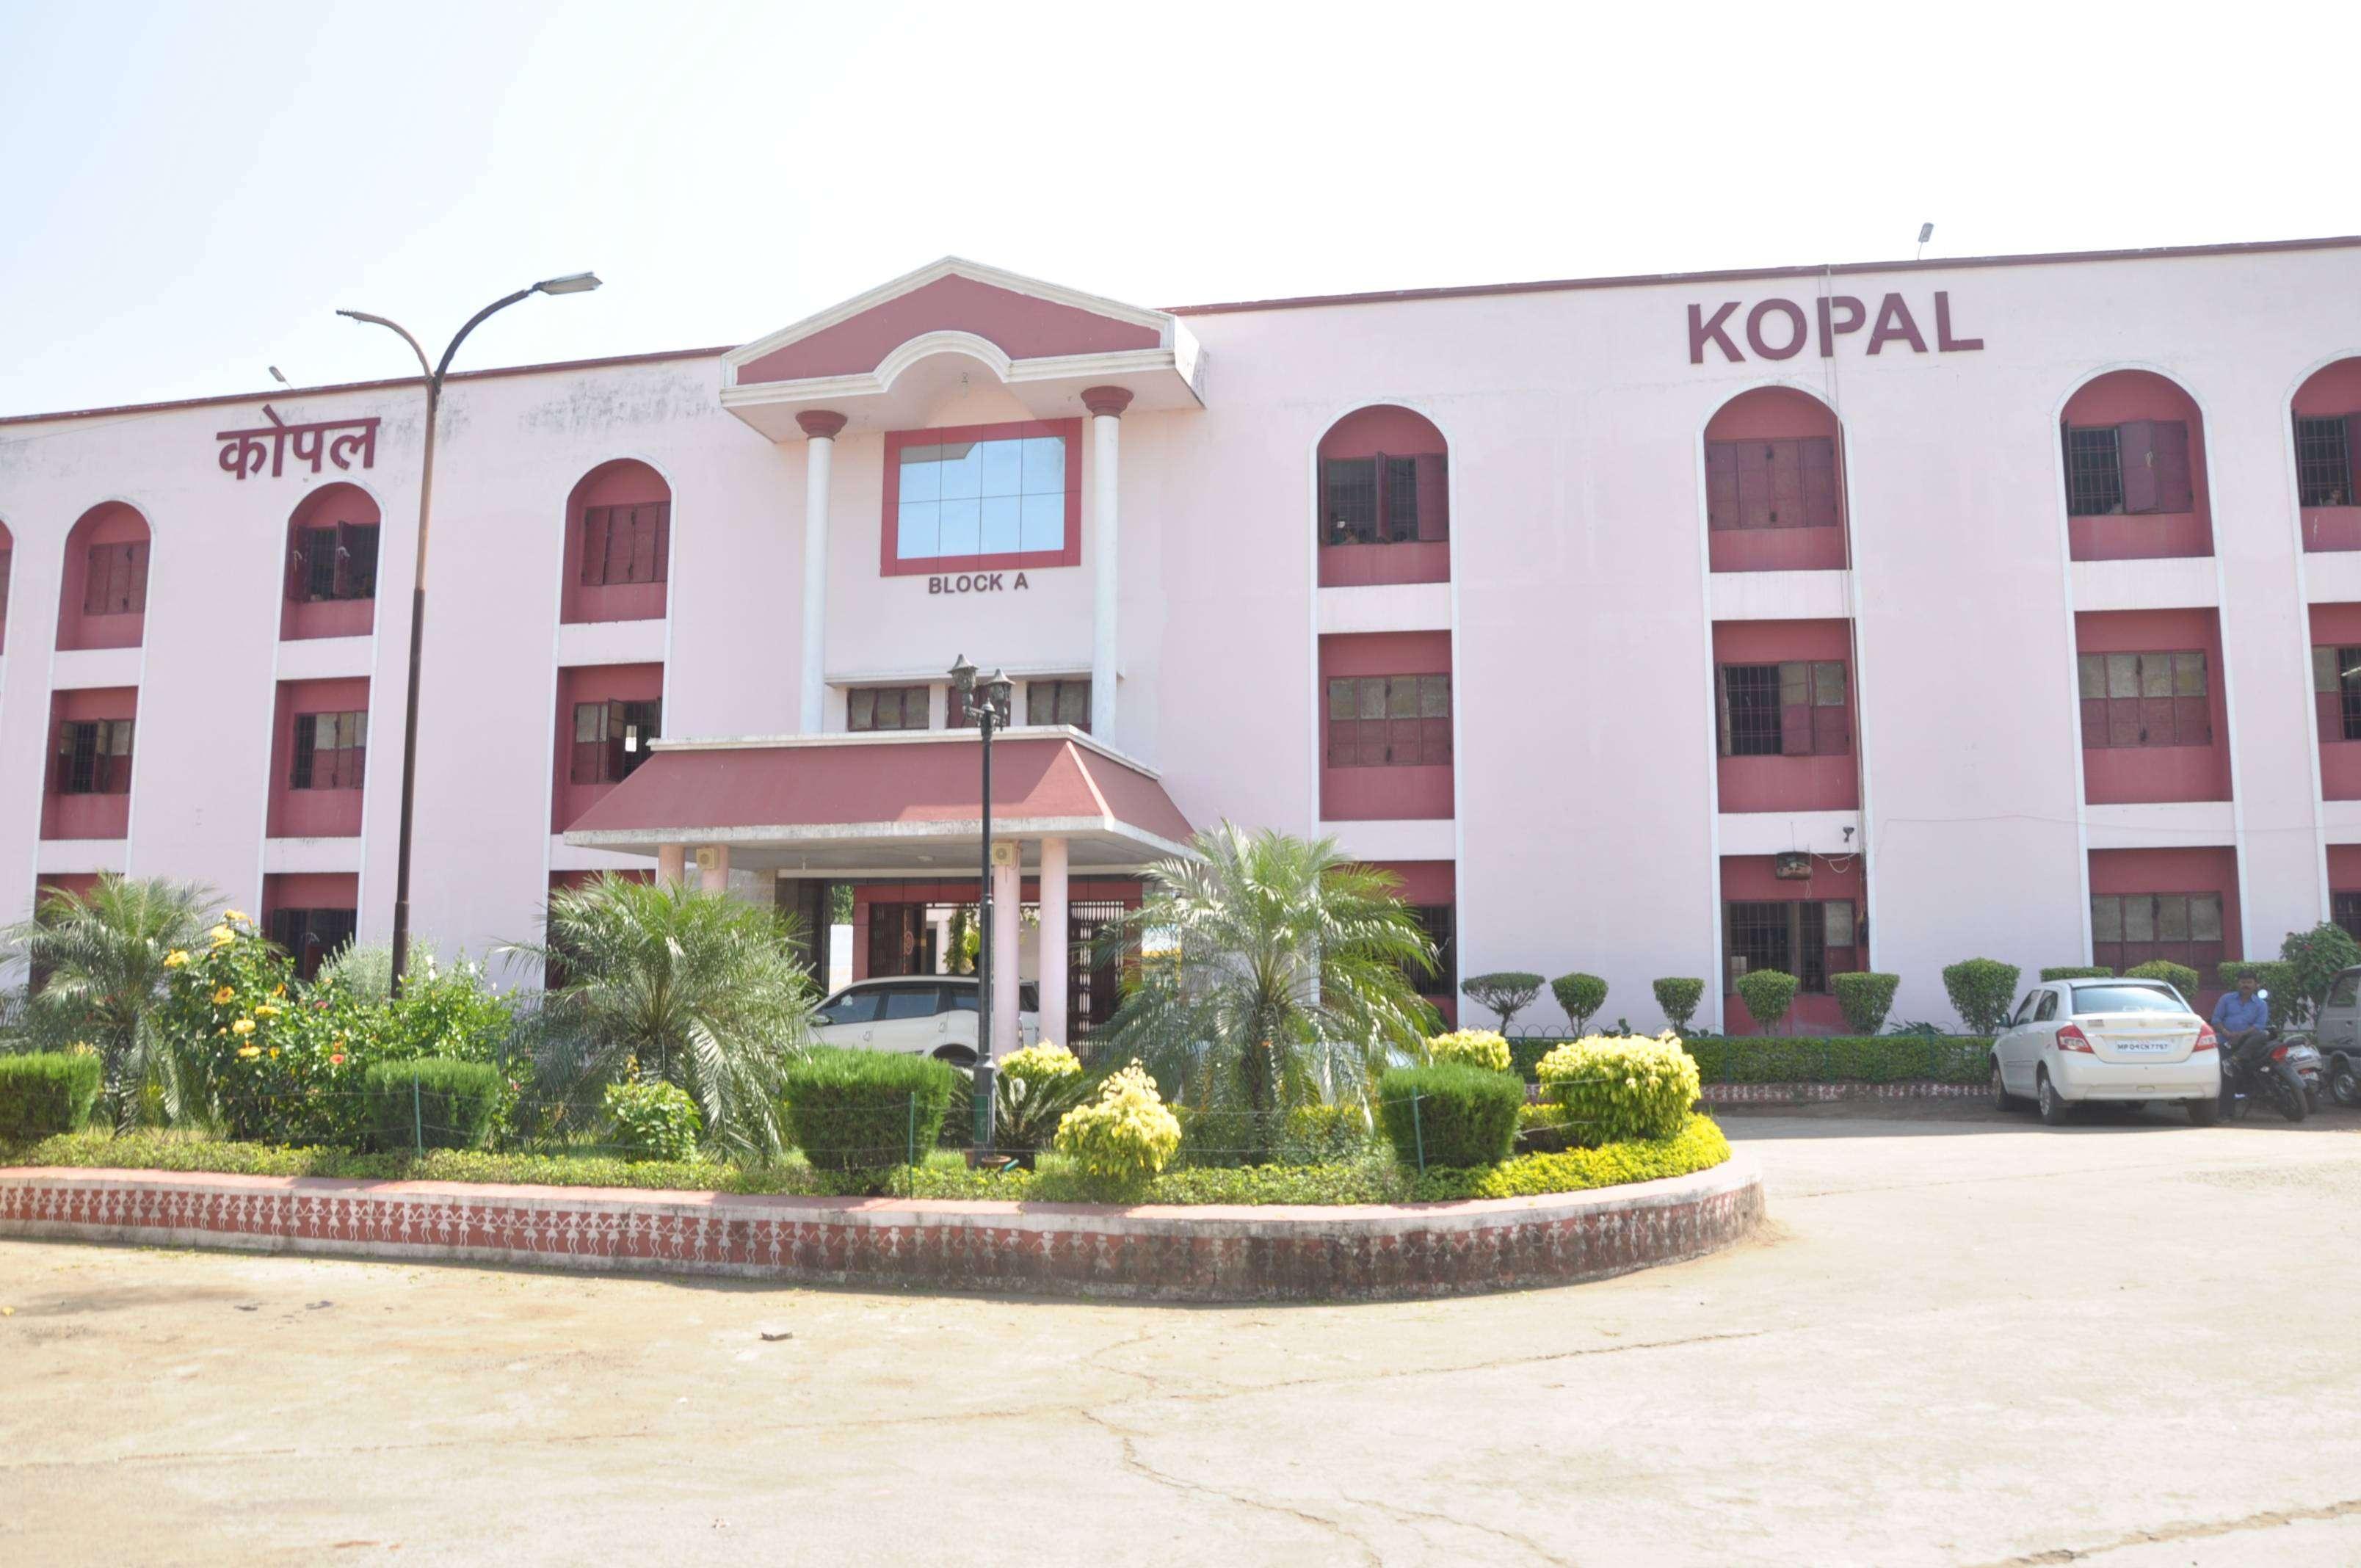 KOPAL PUBLIC SCHOOL BHOPAL MADHYA PRADESH 1030761